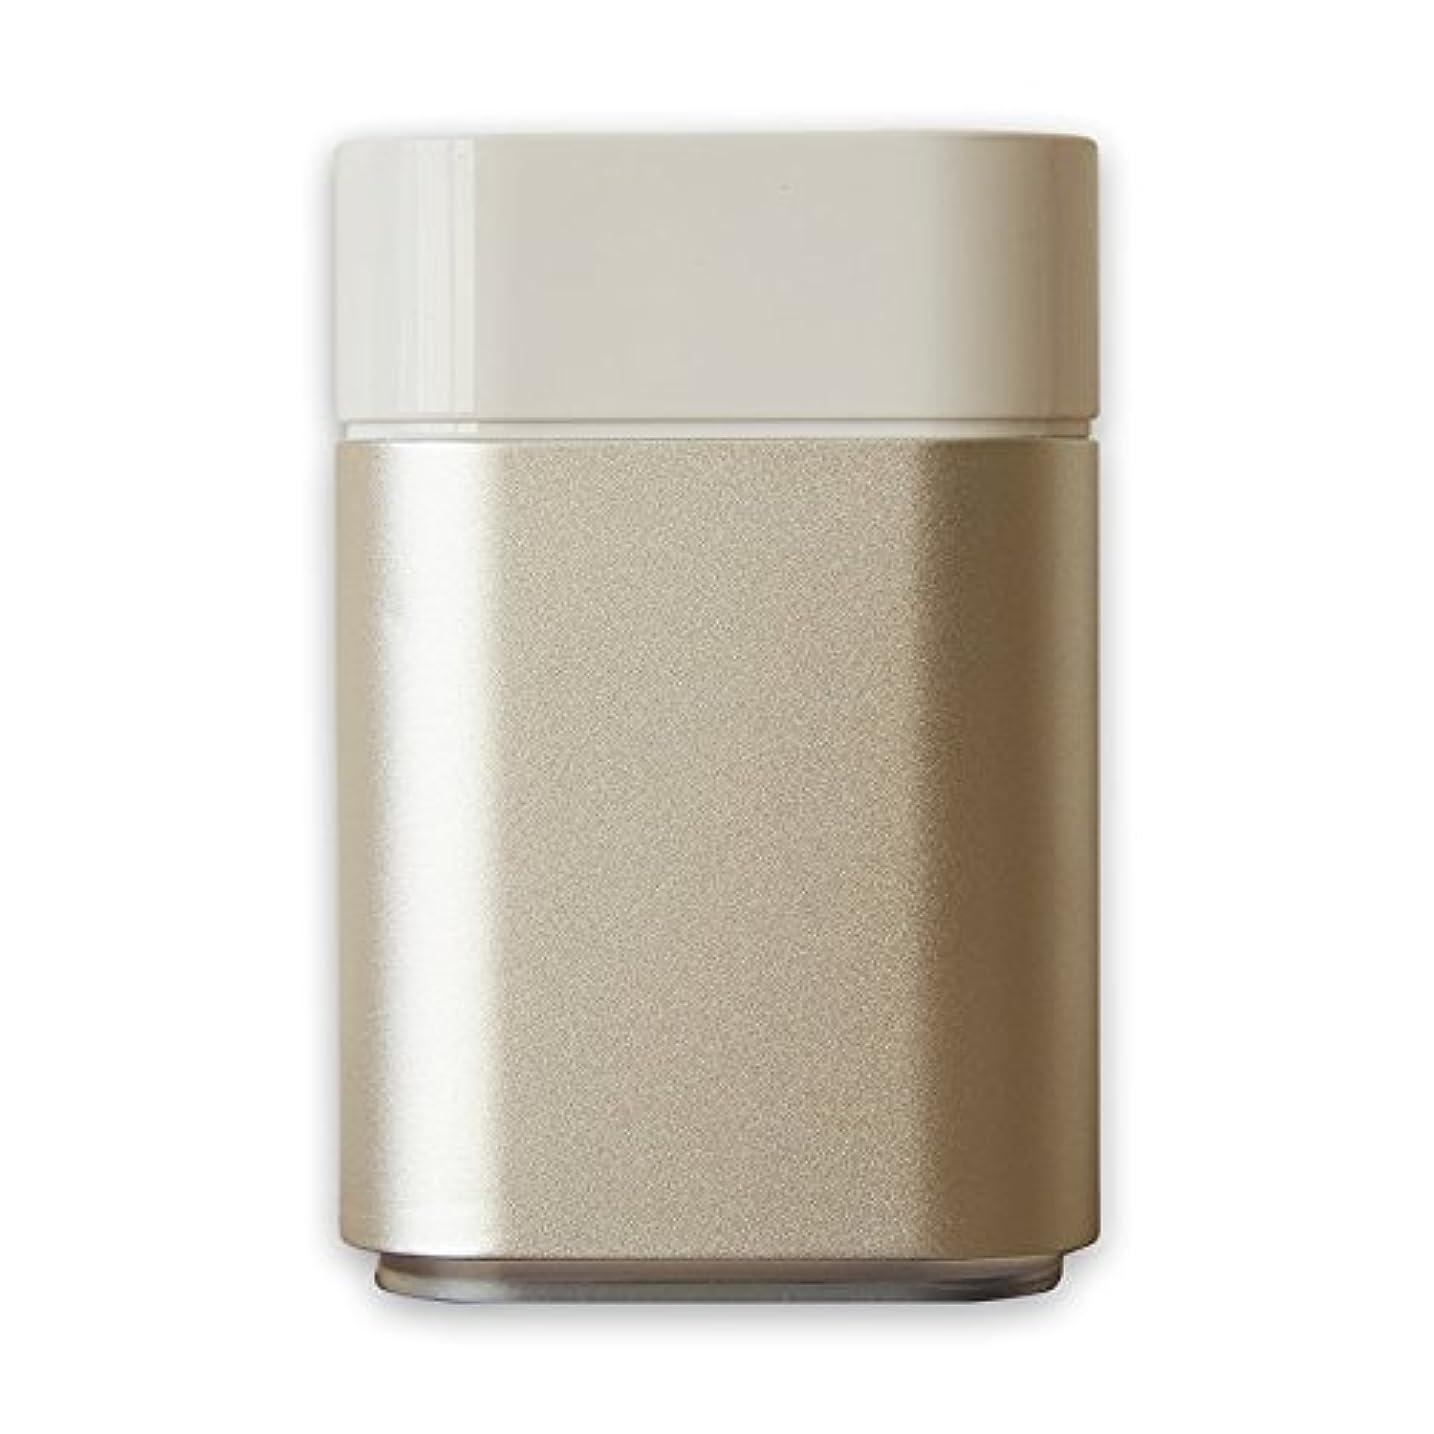 ビール廃棄球体アロマディフューザー UR-AROMA04 卓上 小型 Uruon(ウルオン)水を使わない アロマ ネブライザー式 水なし ダイレクトオイル 製油瓶直噴式 超音波式 USB 卓上 油性 水性 静音 アロマオイル